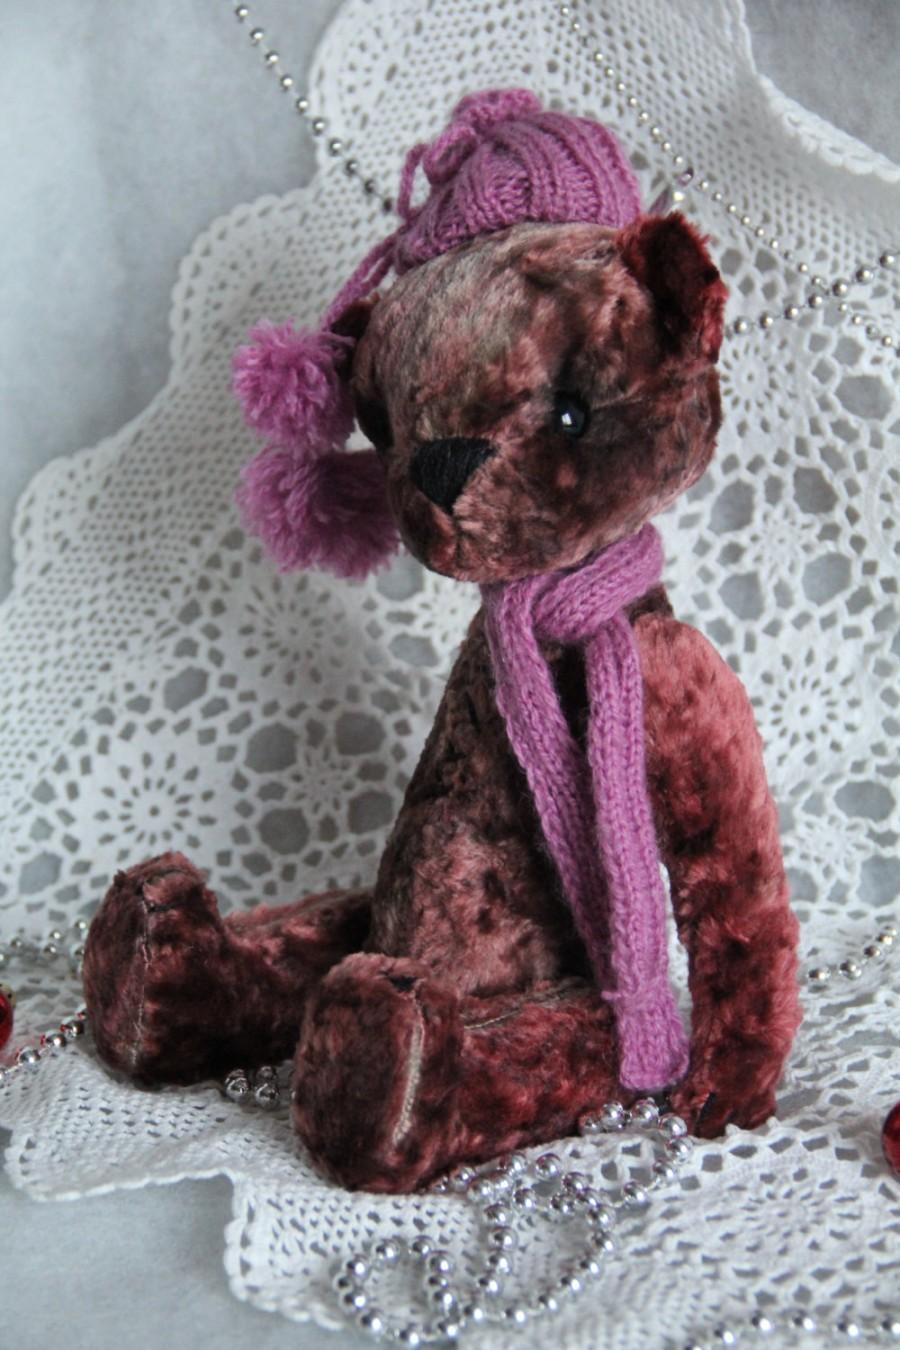 Hochzeit - Art collectible toy teddy bear. Height 11.8 inch (30 cm).